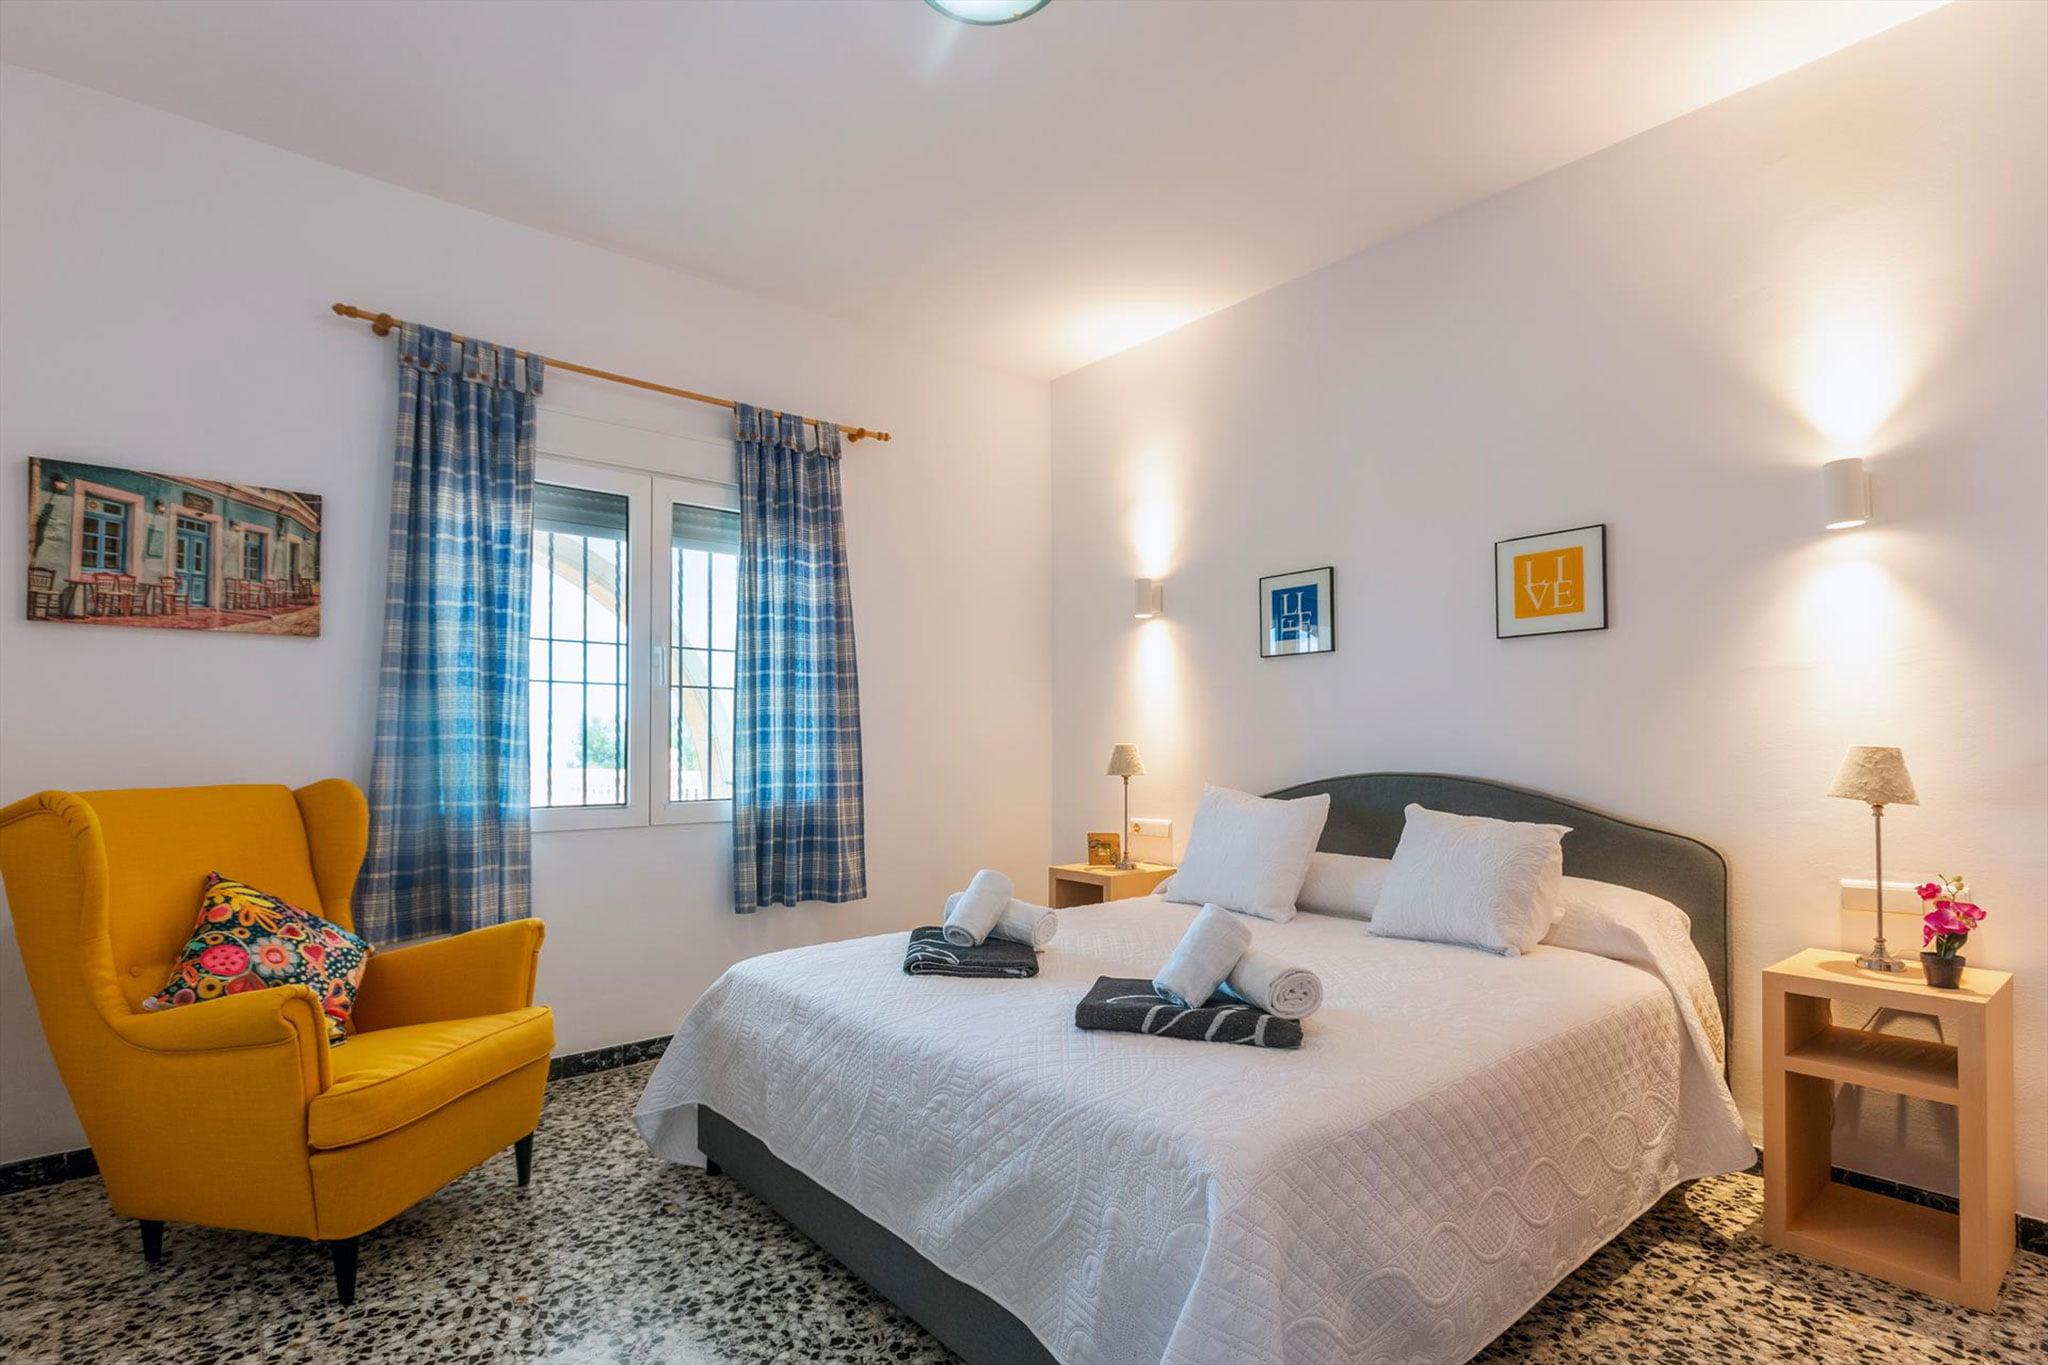 Dormitorio en una casa de vacaciones para ocho personas en Dénia – Aguila Rent a Villa